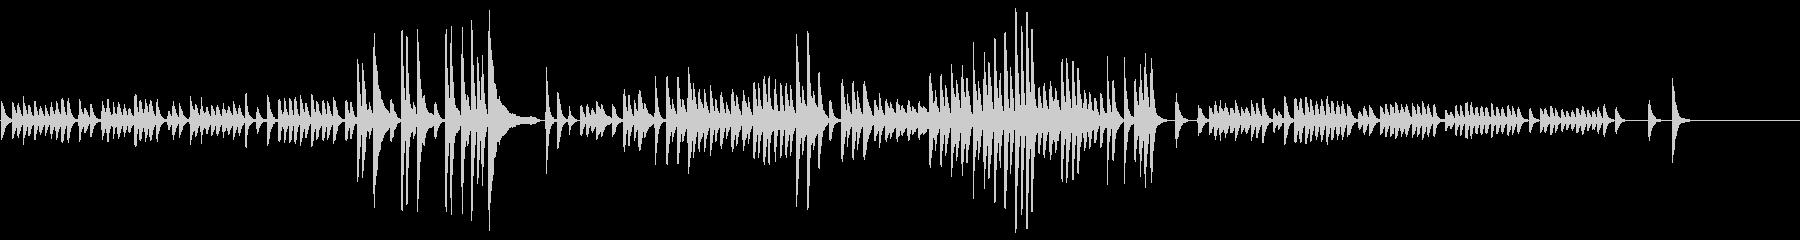 考え中のピアノ曲の未再生の波形